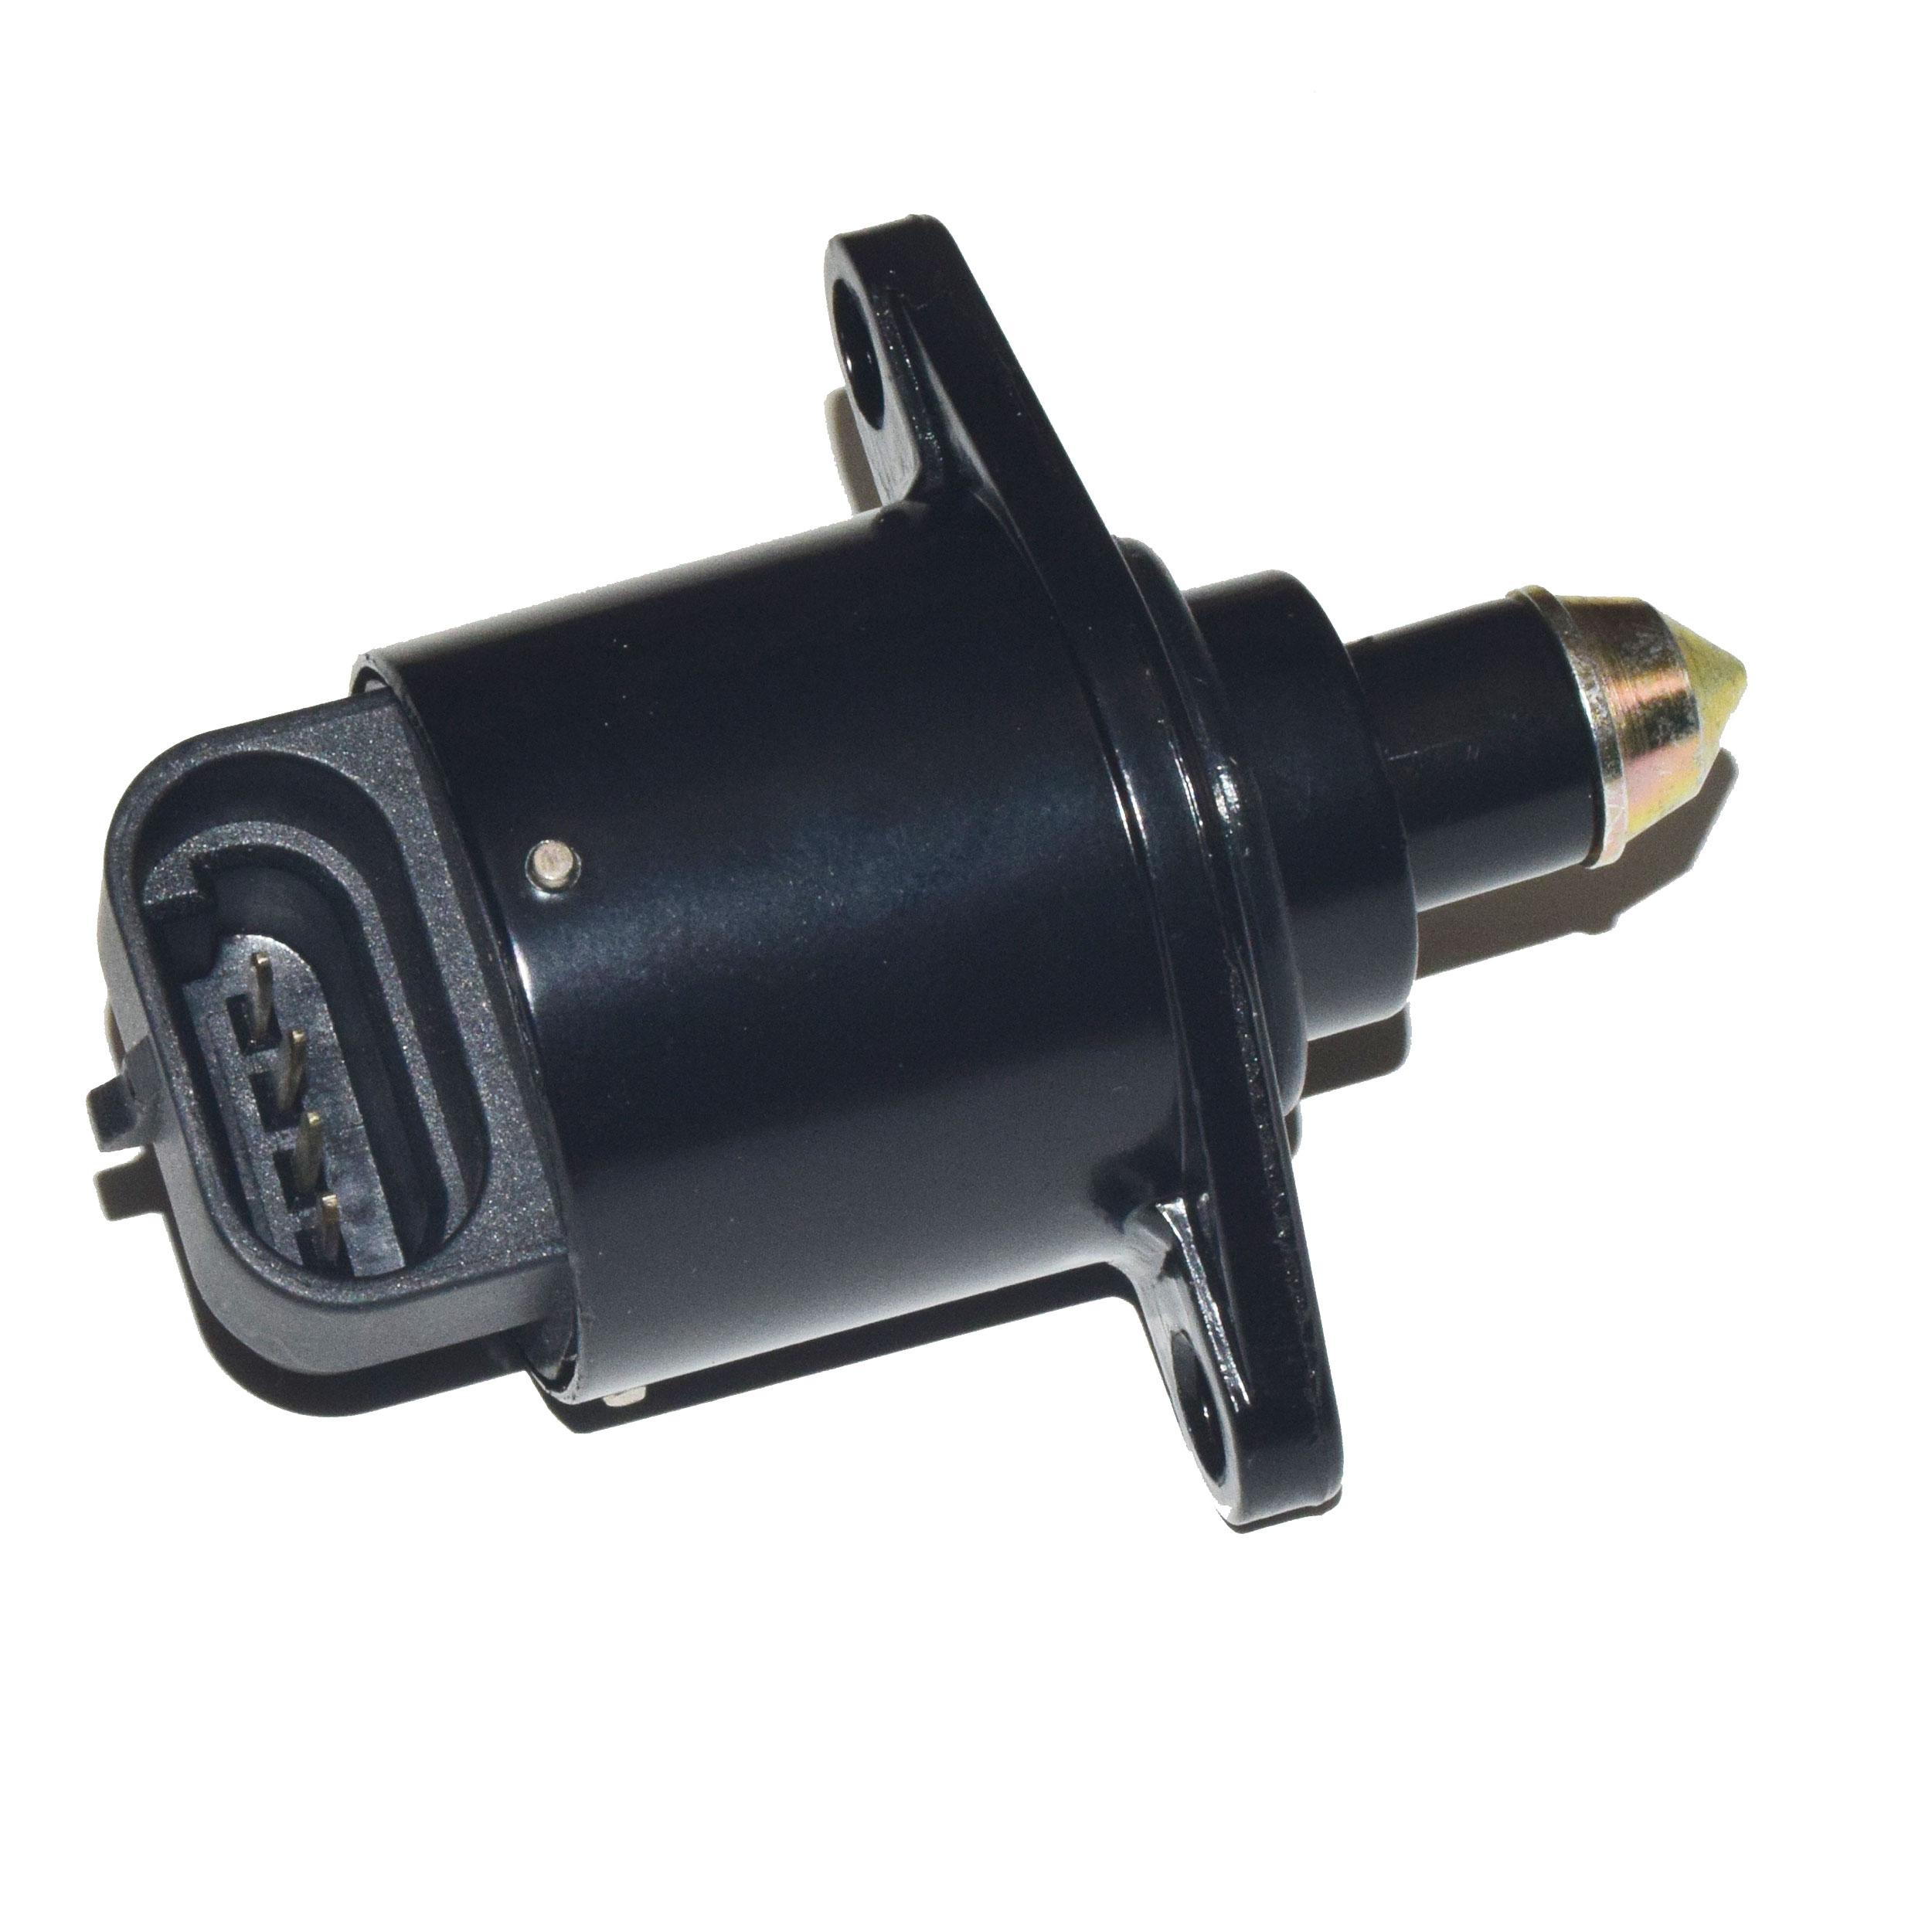 استپر موتور آویدپ مدل D99 مناسب برای پراید